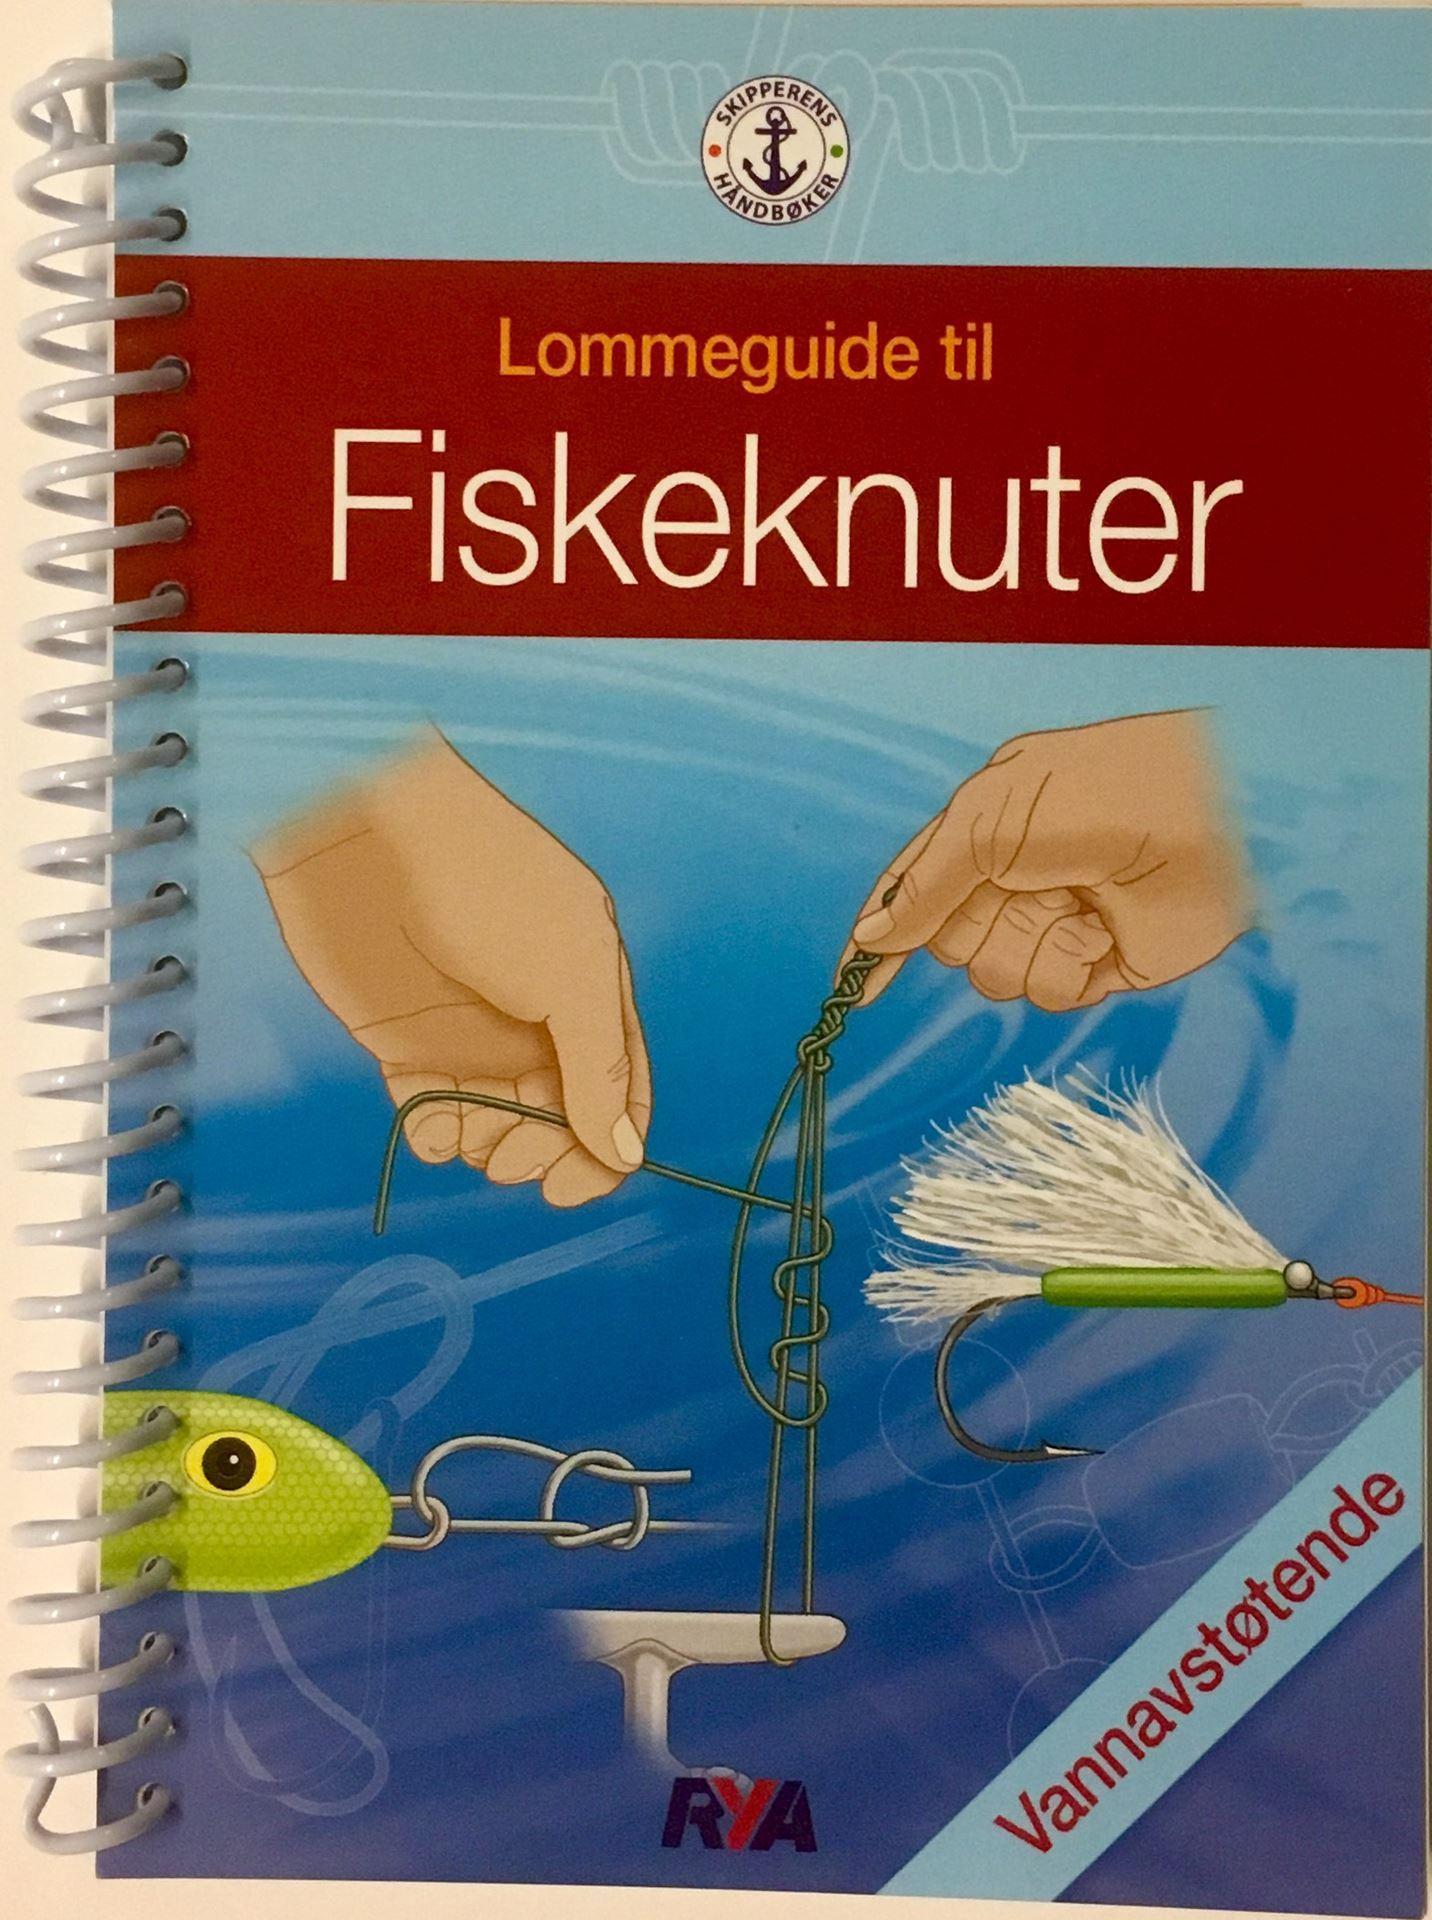 Bilde av Lommeguide til Fiskeknuter